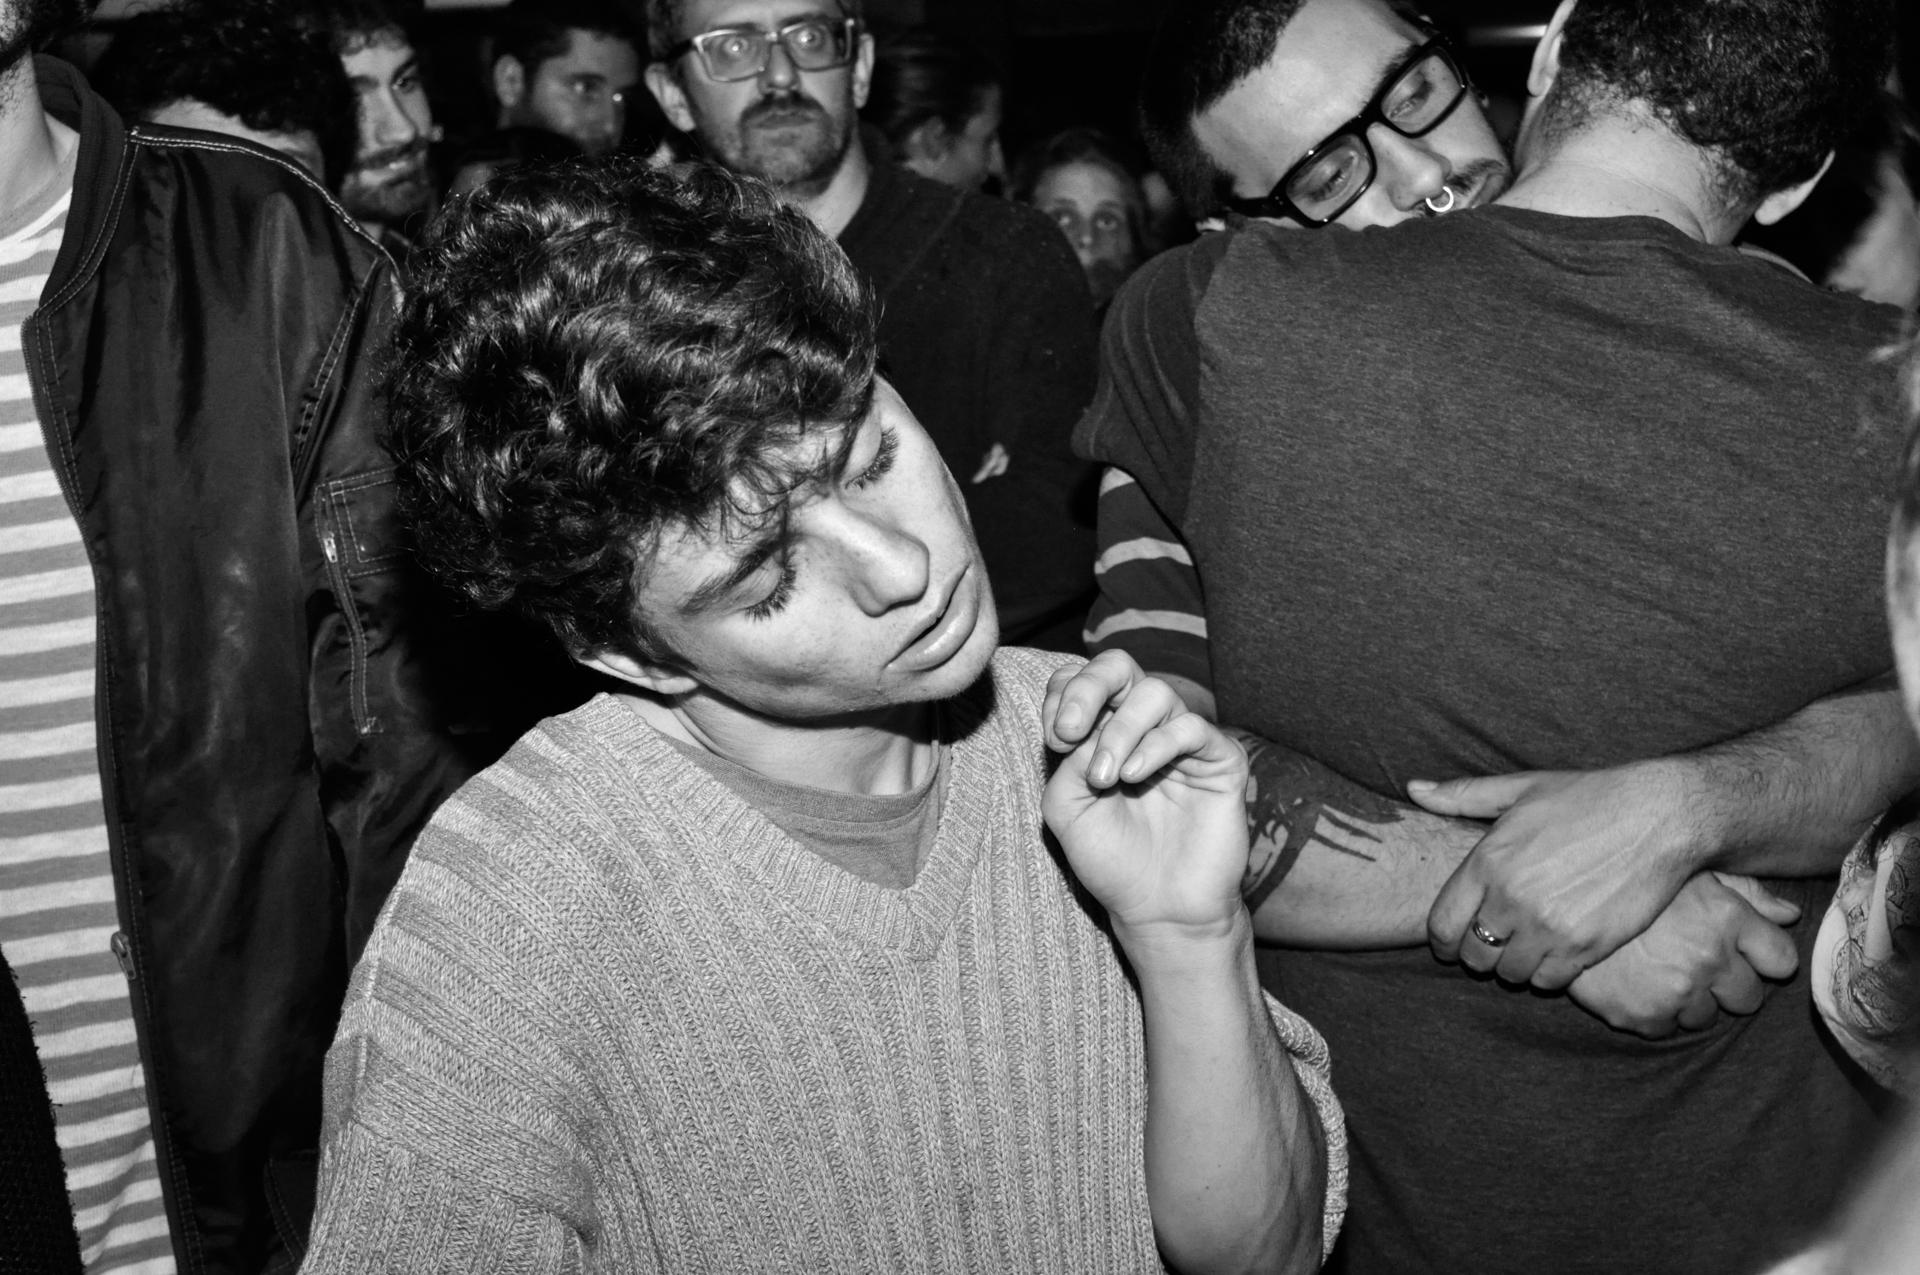 Francisca-Y-Los-Exploradores-Beatflow-14-Julio-2016-Indie-Hoy-Daniela-Cilli-01-0730